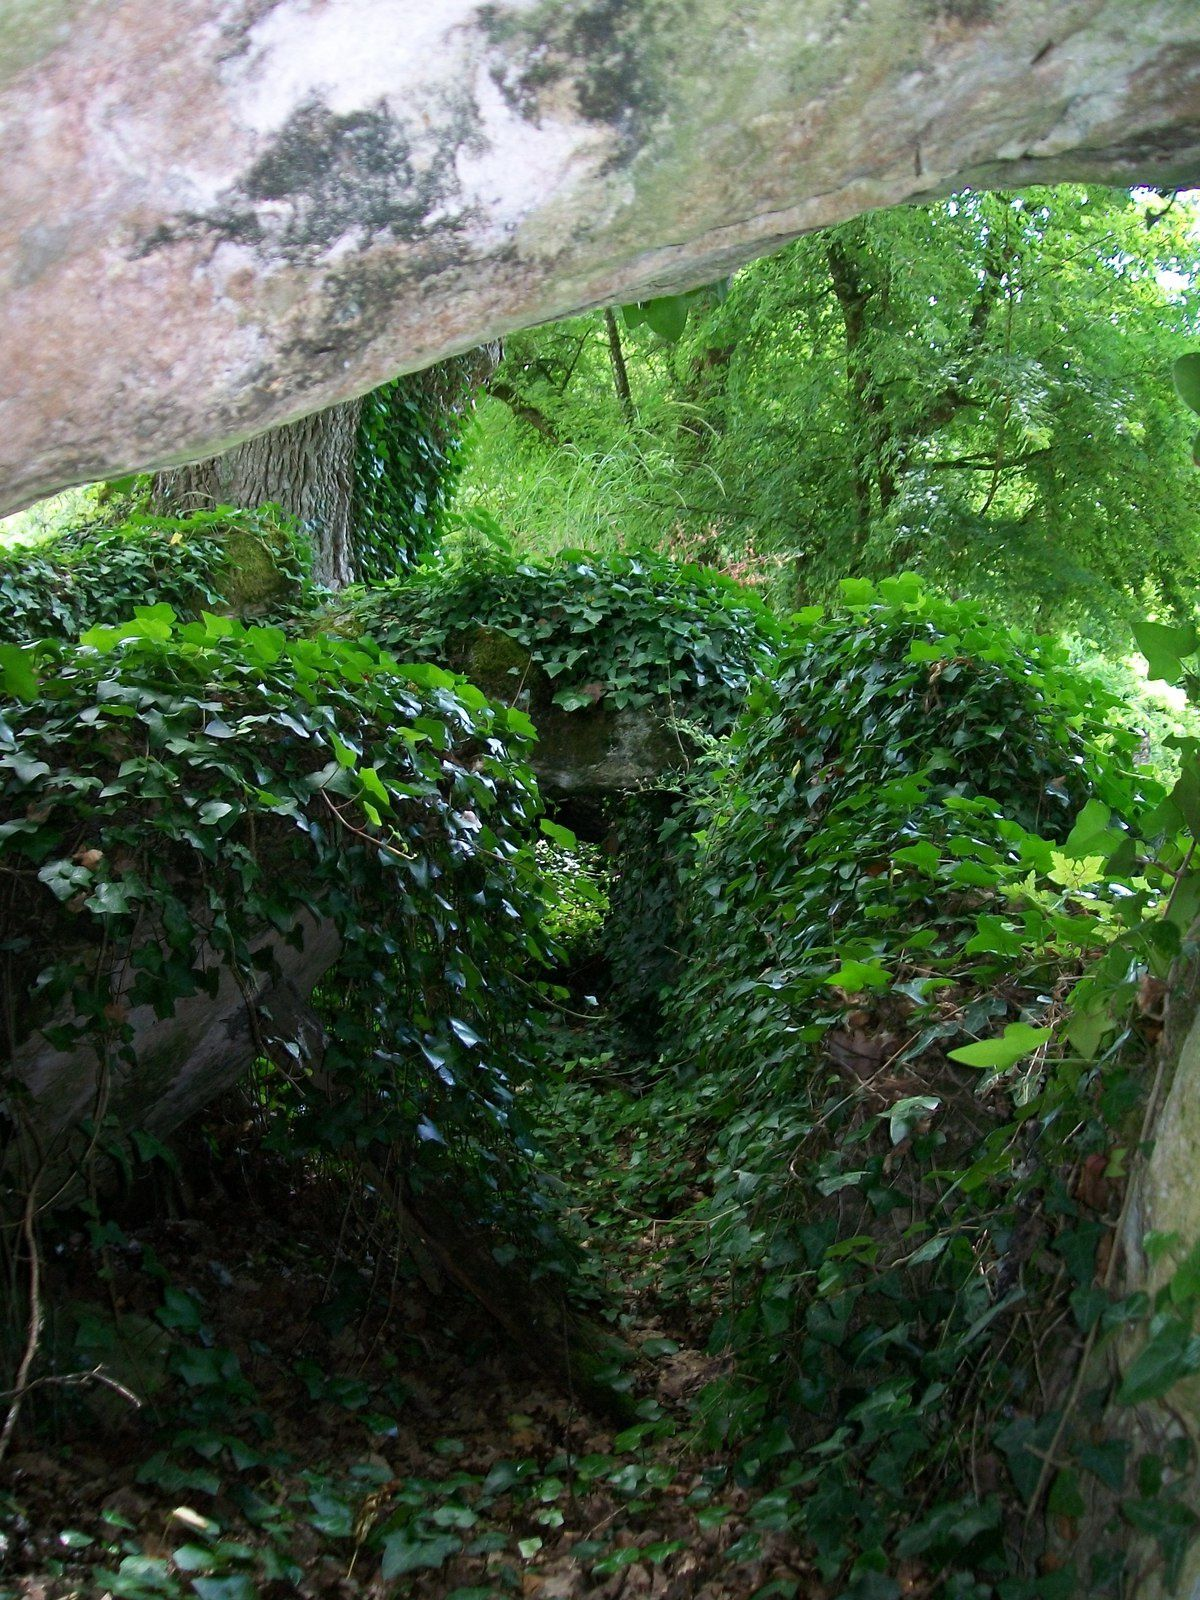 Mégalithes de l'Entre-deux-Mers 26 juin 2016 avec Aquitaine historique